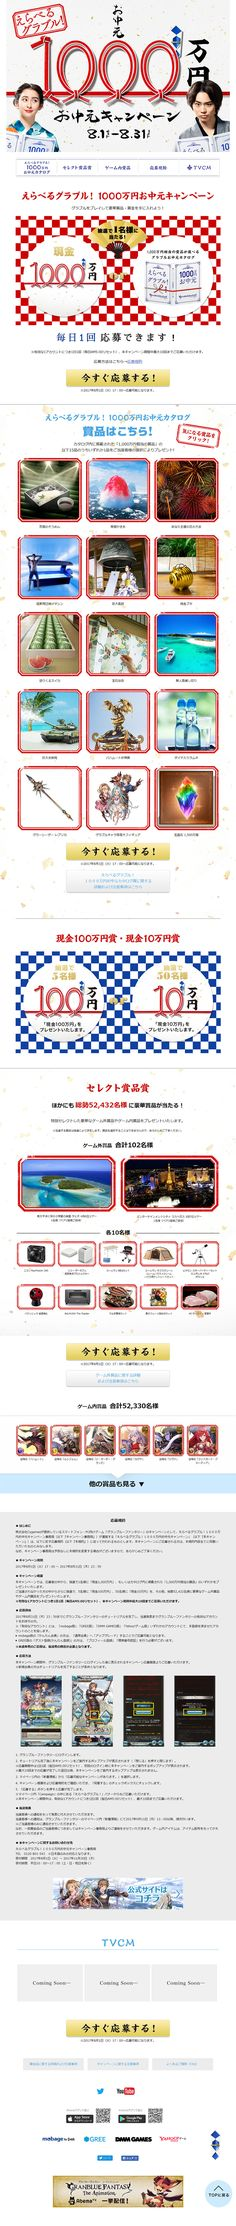 1000万円お中元キャンペーン WEBデザイナーさん必見!ランディングページのデザイン参考に(シンプル系)